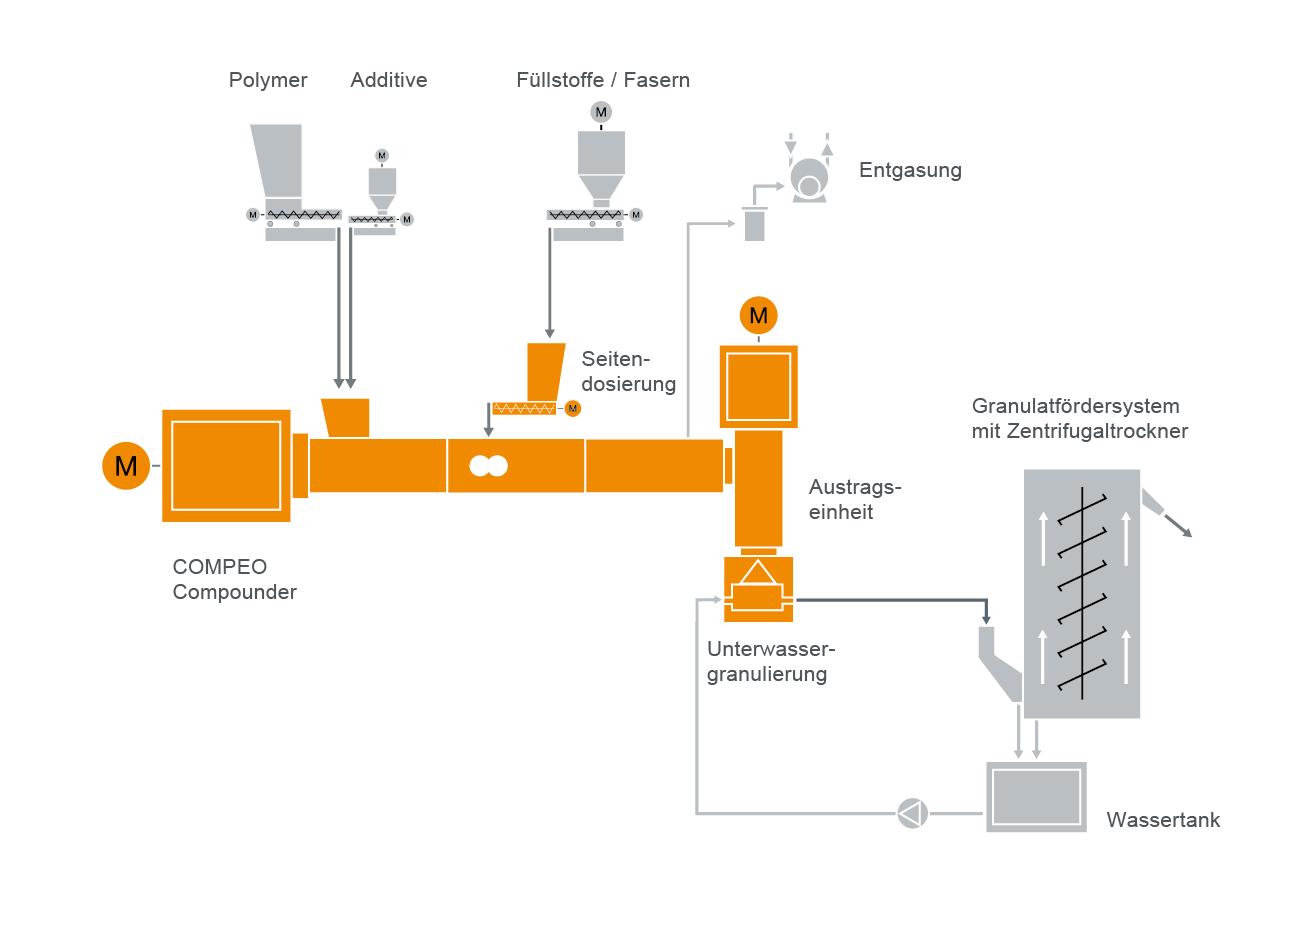 Typisches Anlagenlayout für ein Compoundiersystem für faserverstärkte Kunststoffe